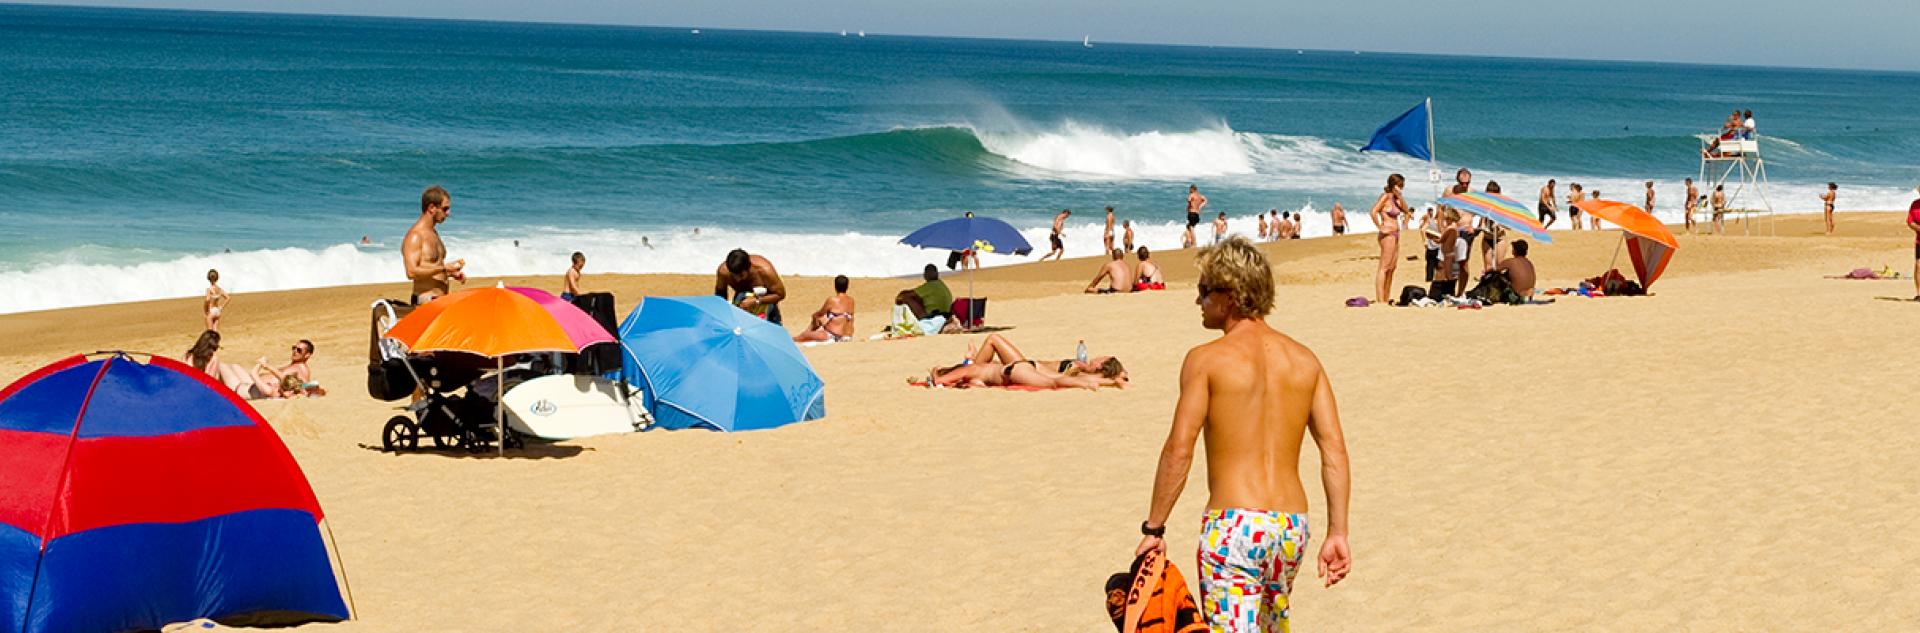 plage Labenne Ocean